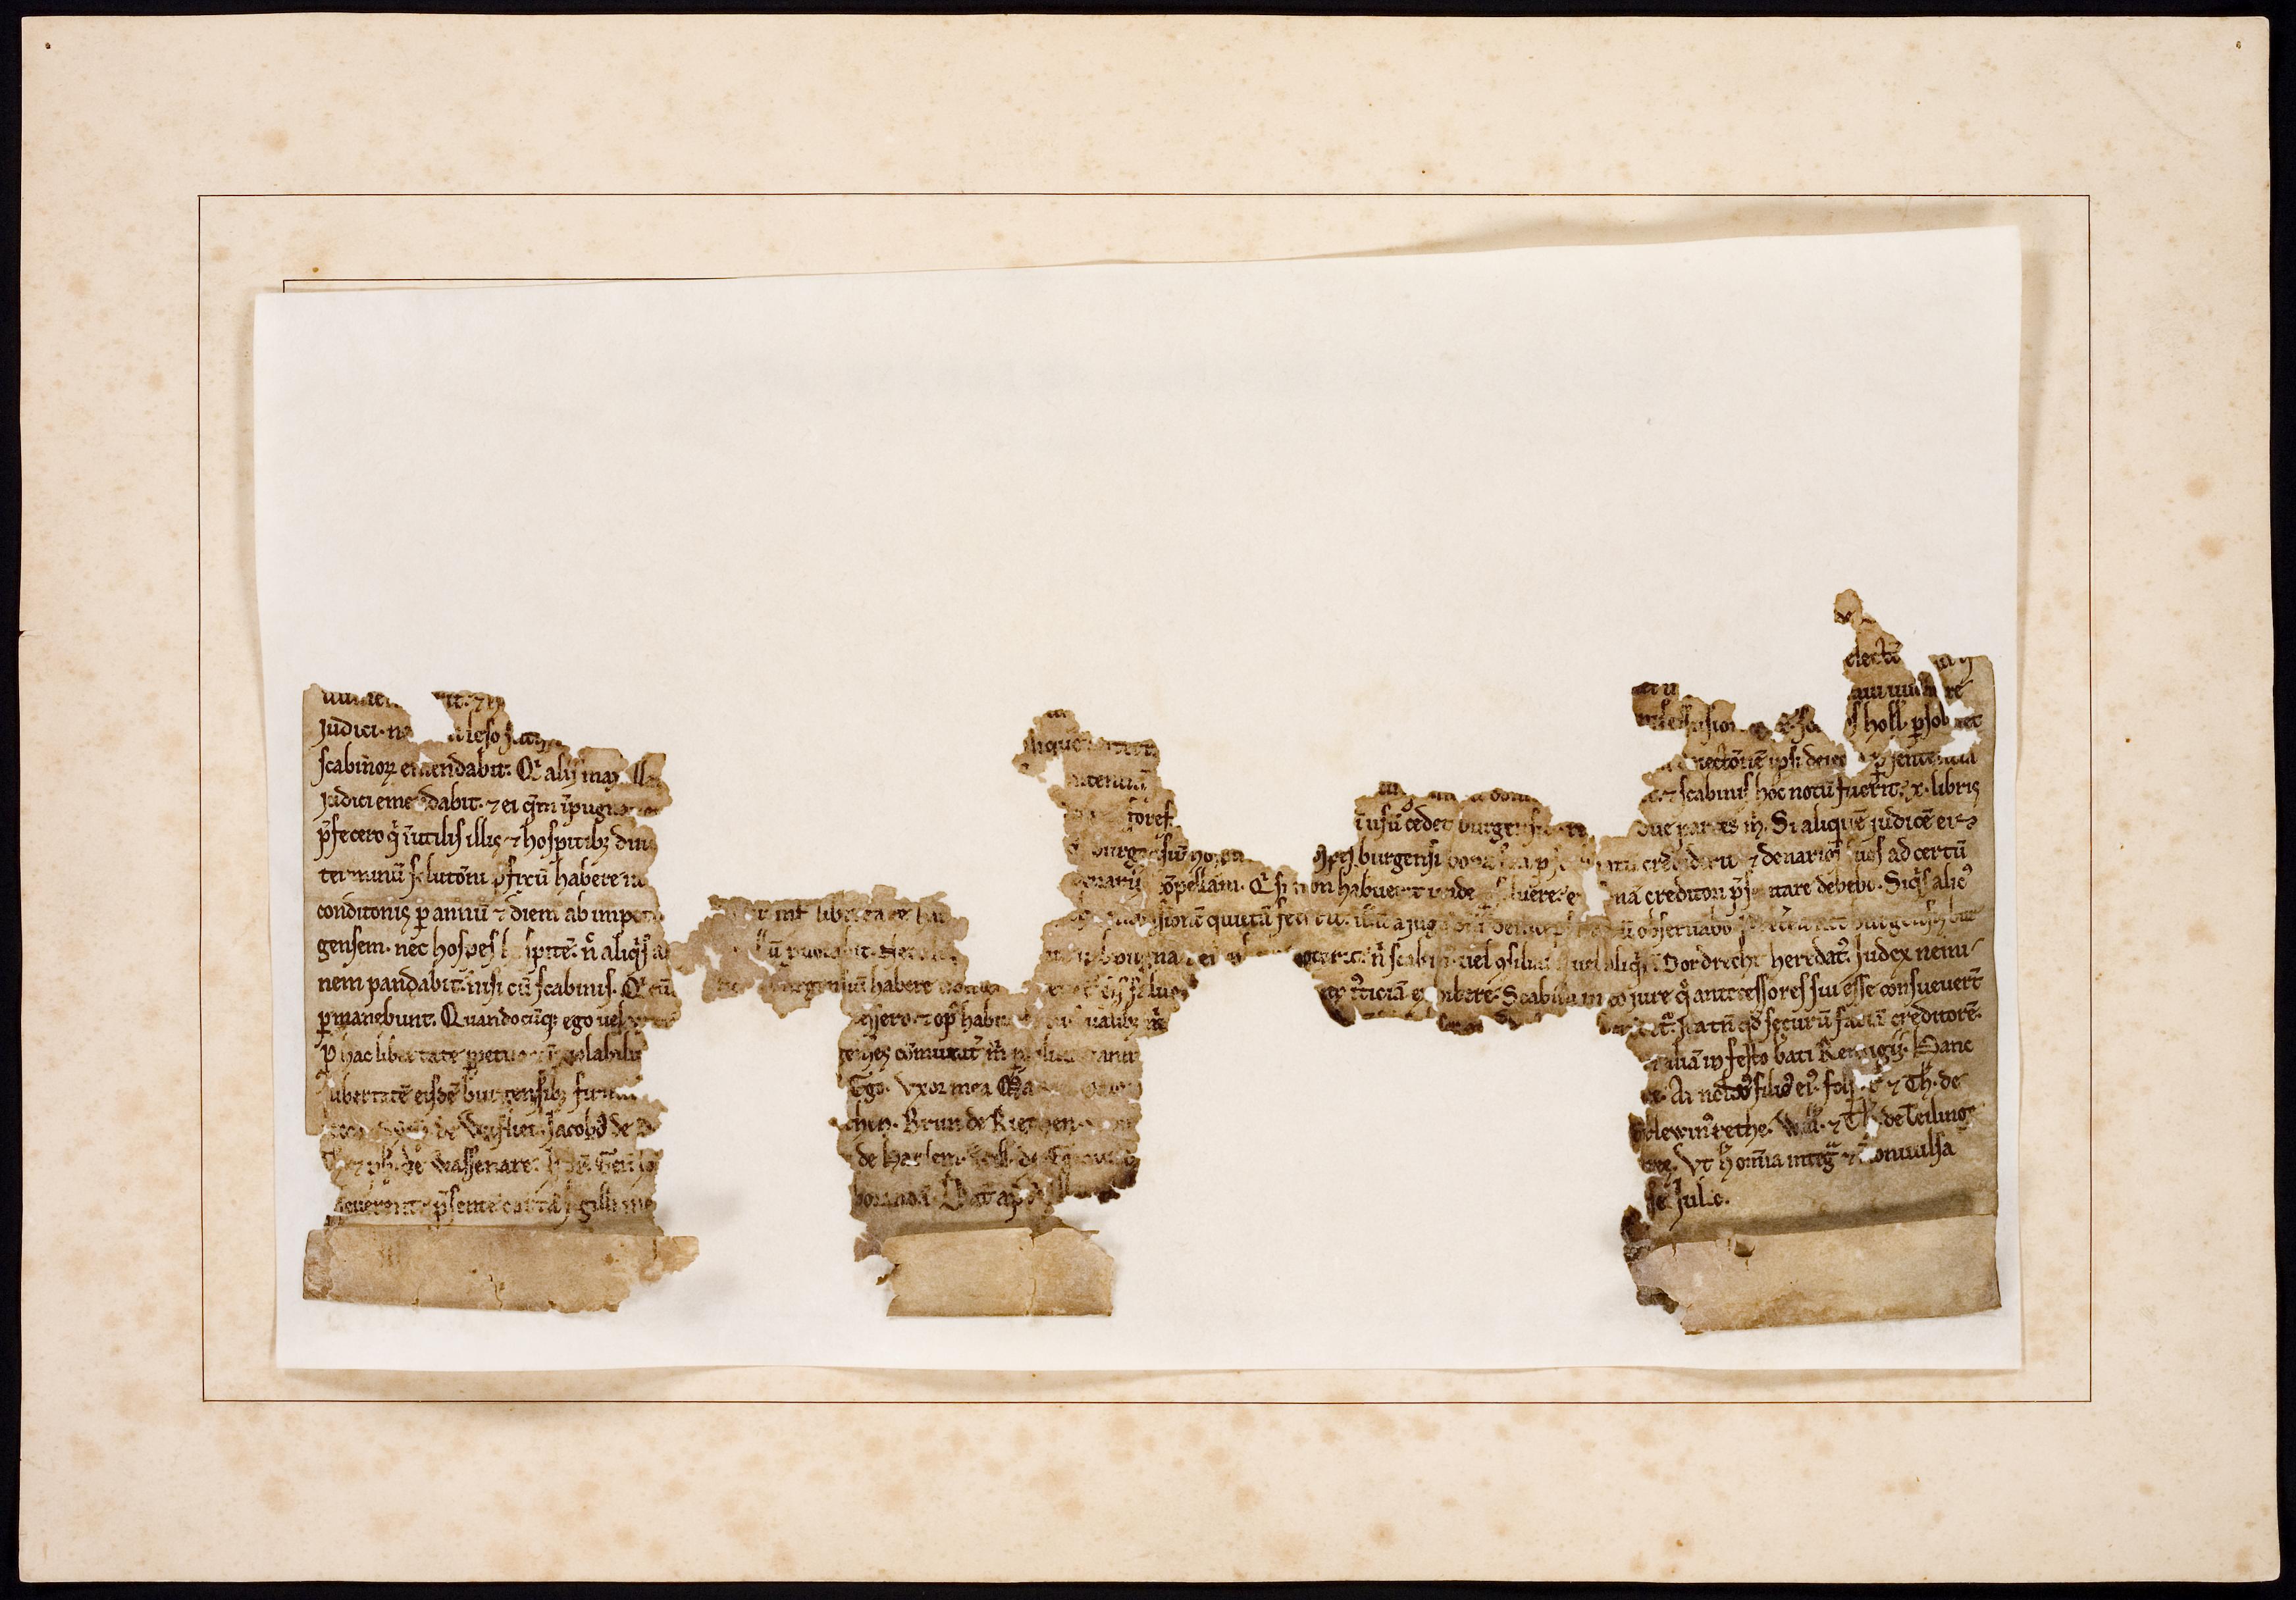 Stadsrecht van Dordrecht (1220)